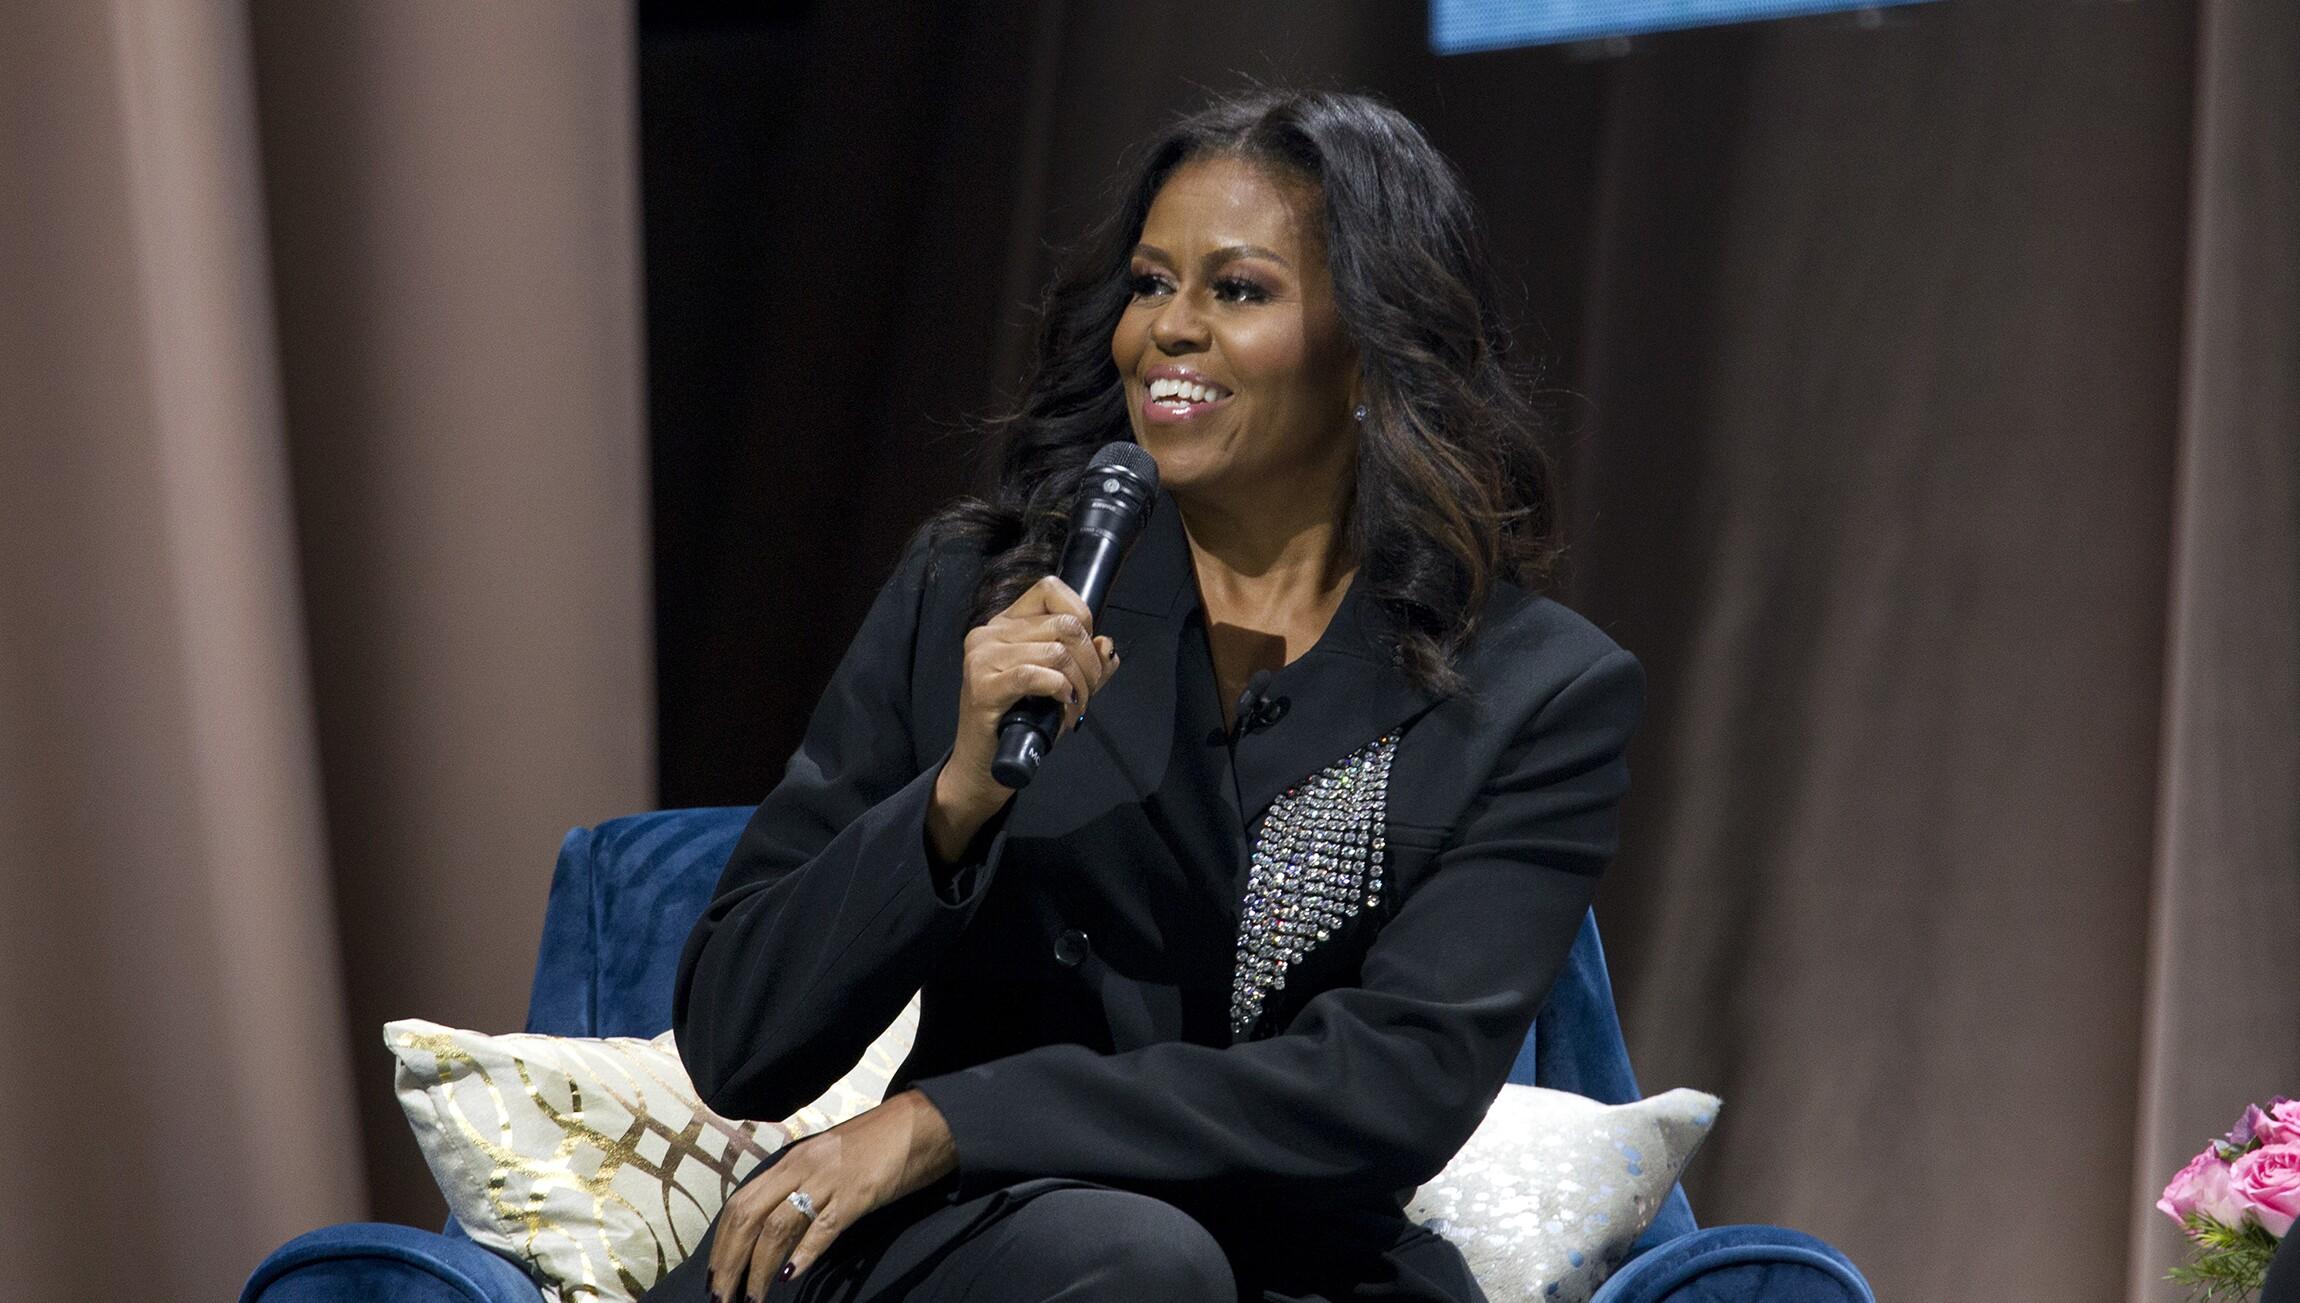 michelle obama book tour dc dates